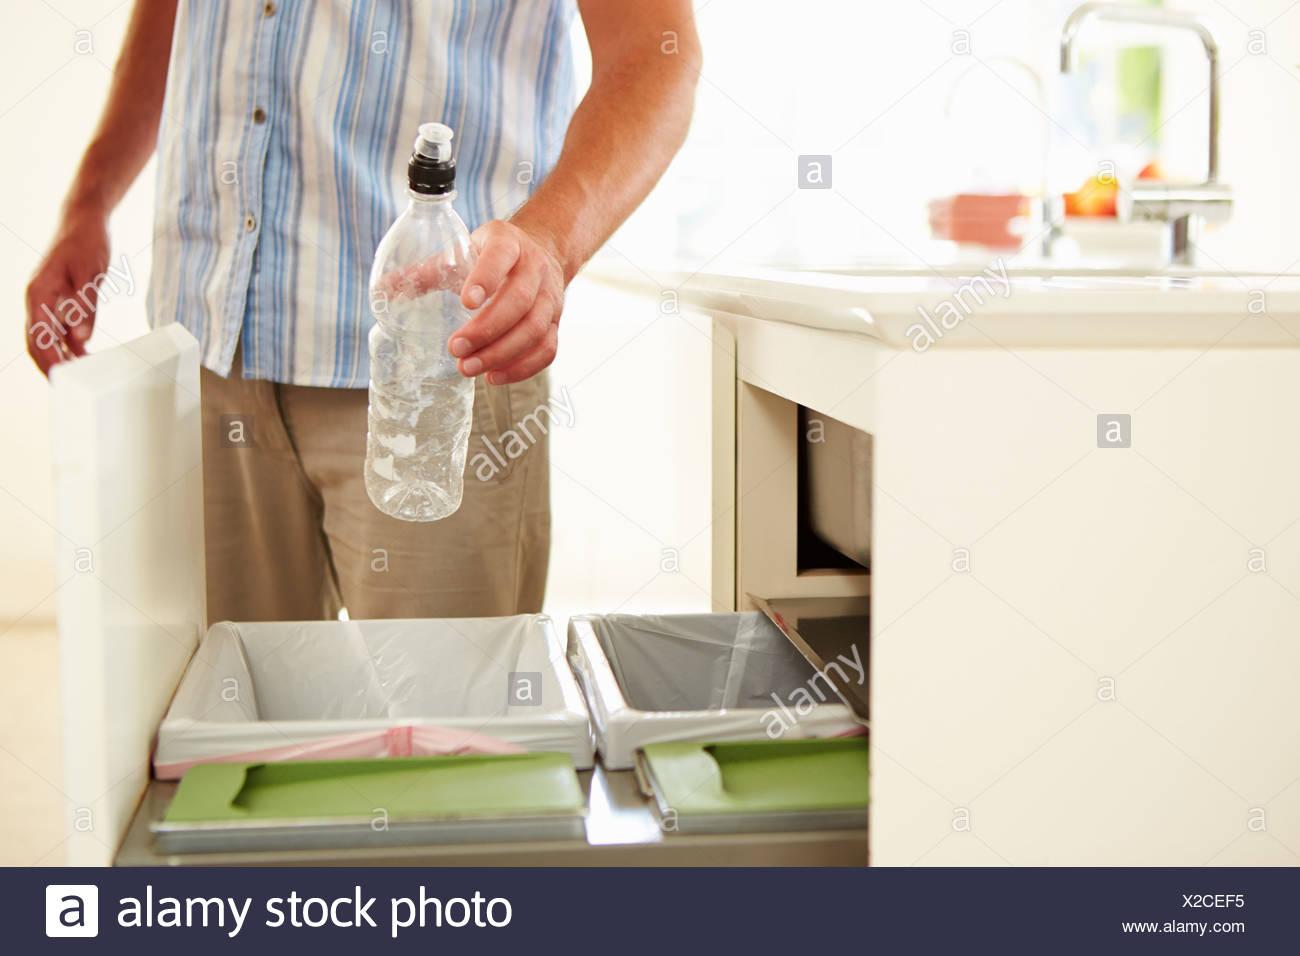 Cerca del hombre, el reciclaje de desperdicios de cocina en la bandeja Imagen De Stock